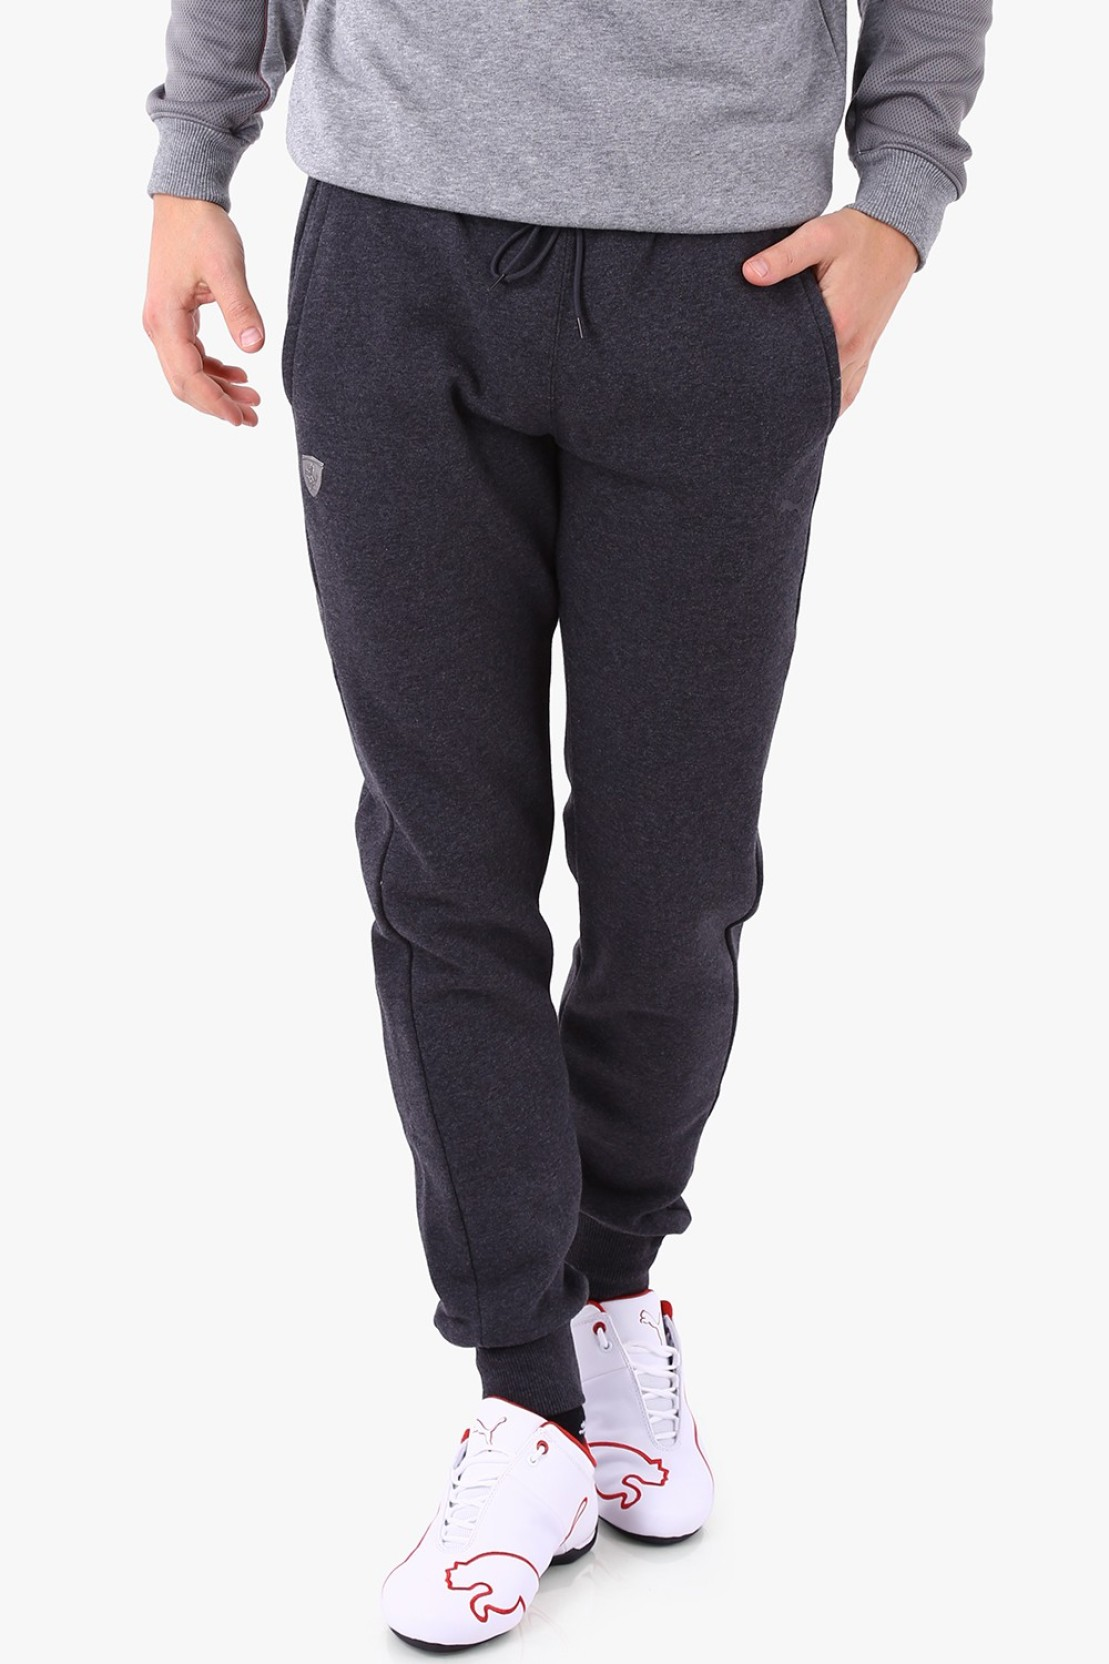 8a0cc4a1f Puma Ferrari Mens Track Pants Solid Men's Grey Track Pants